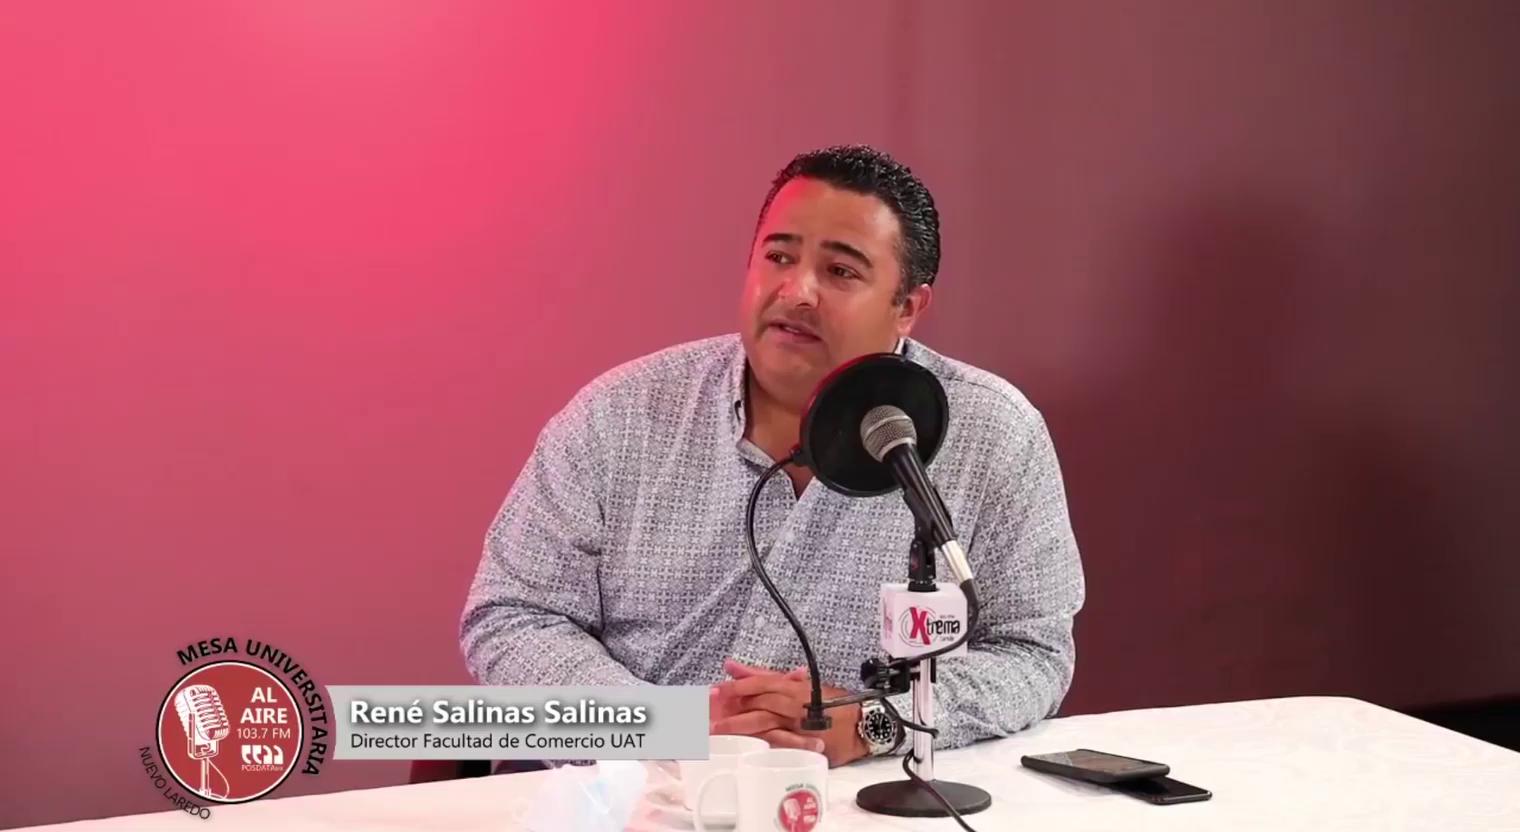 Rene Salinas Salinas - Director Facultad de Comercio UAT